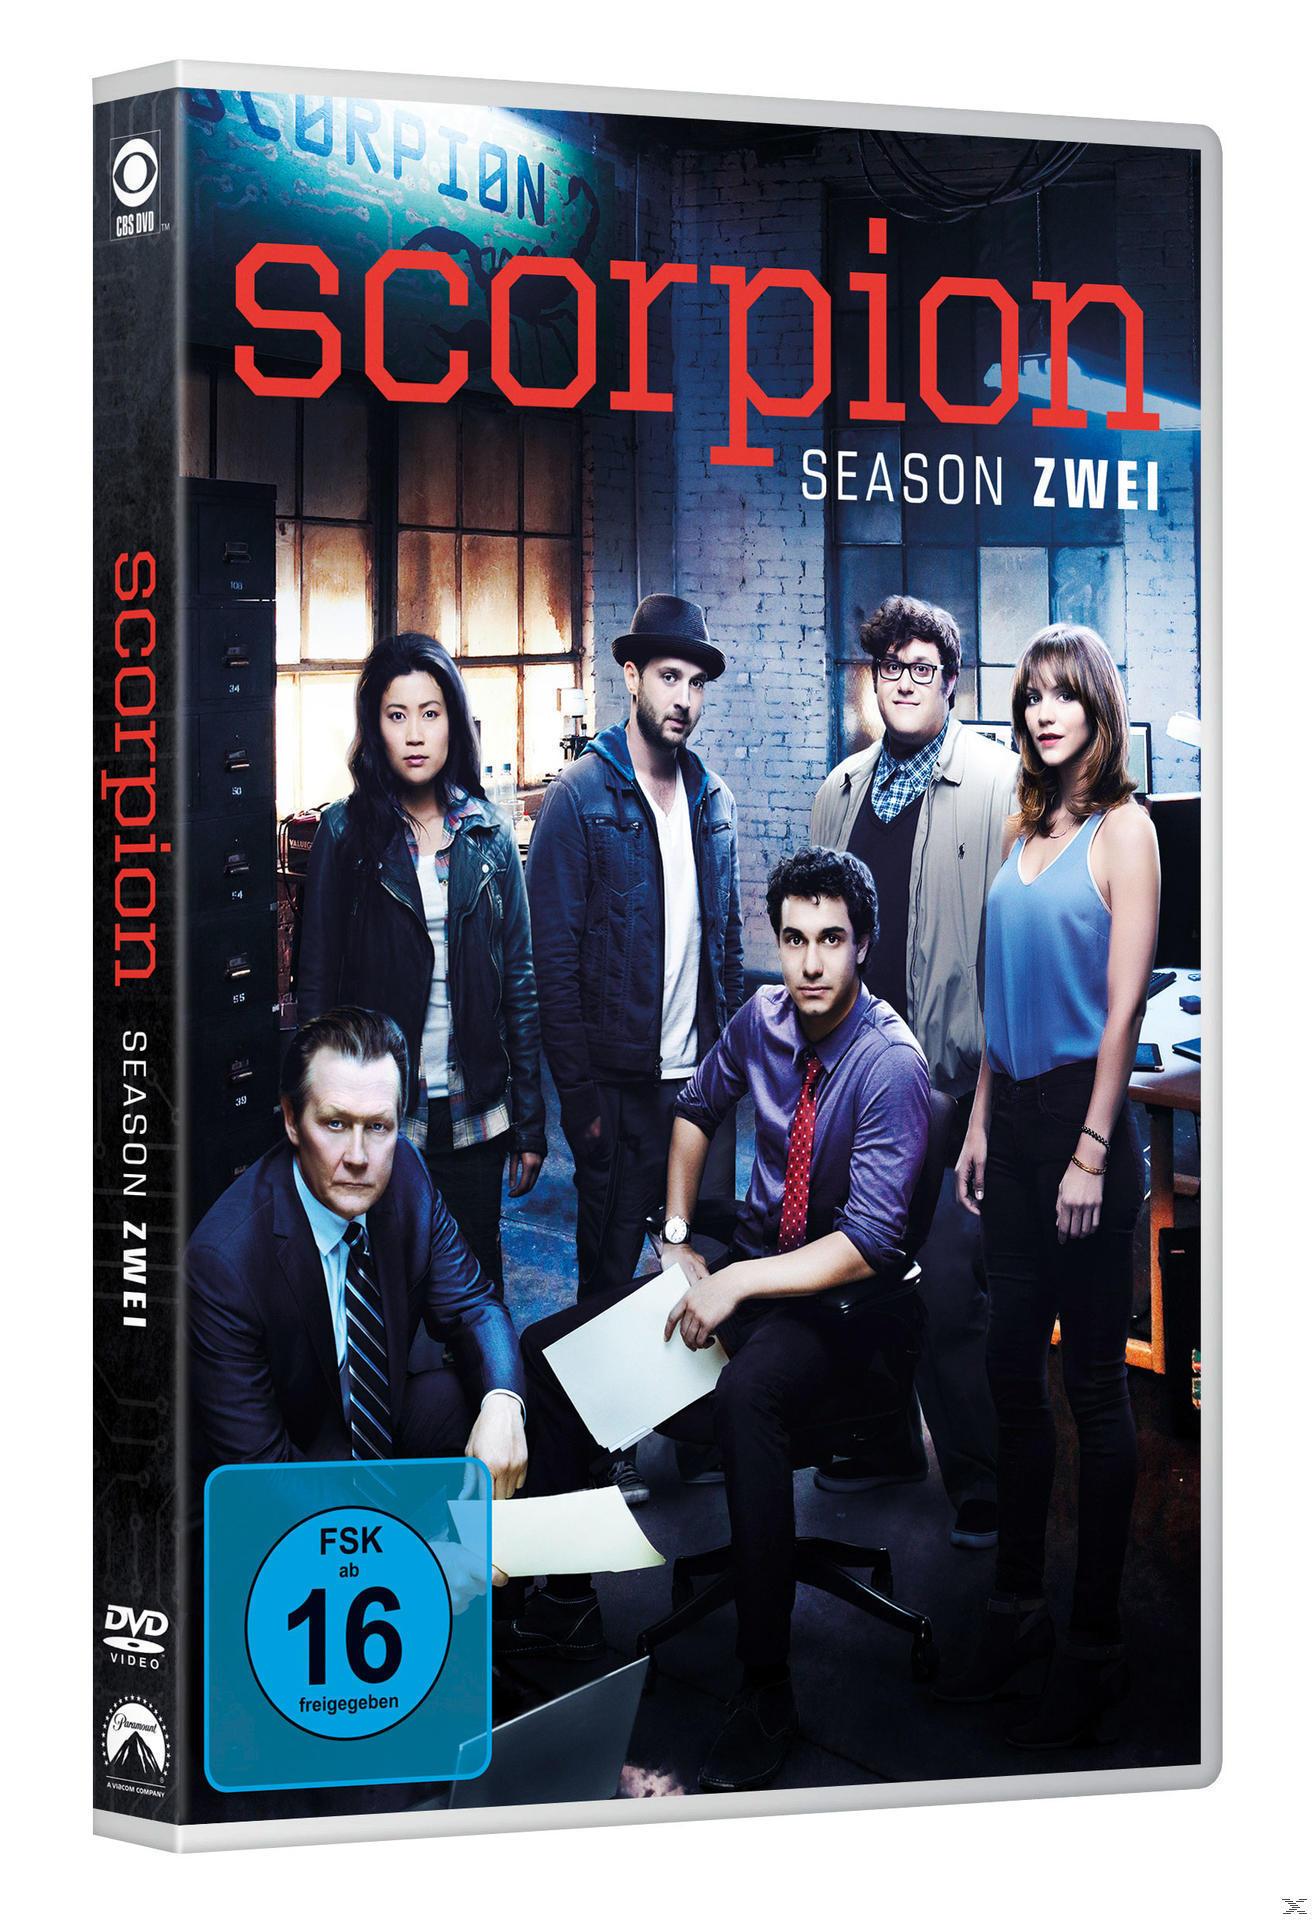 Scorpion - Staffel 2 DVD-Box (DVD) für 20,99 Euro